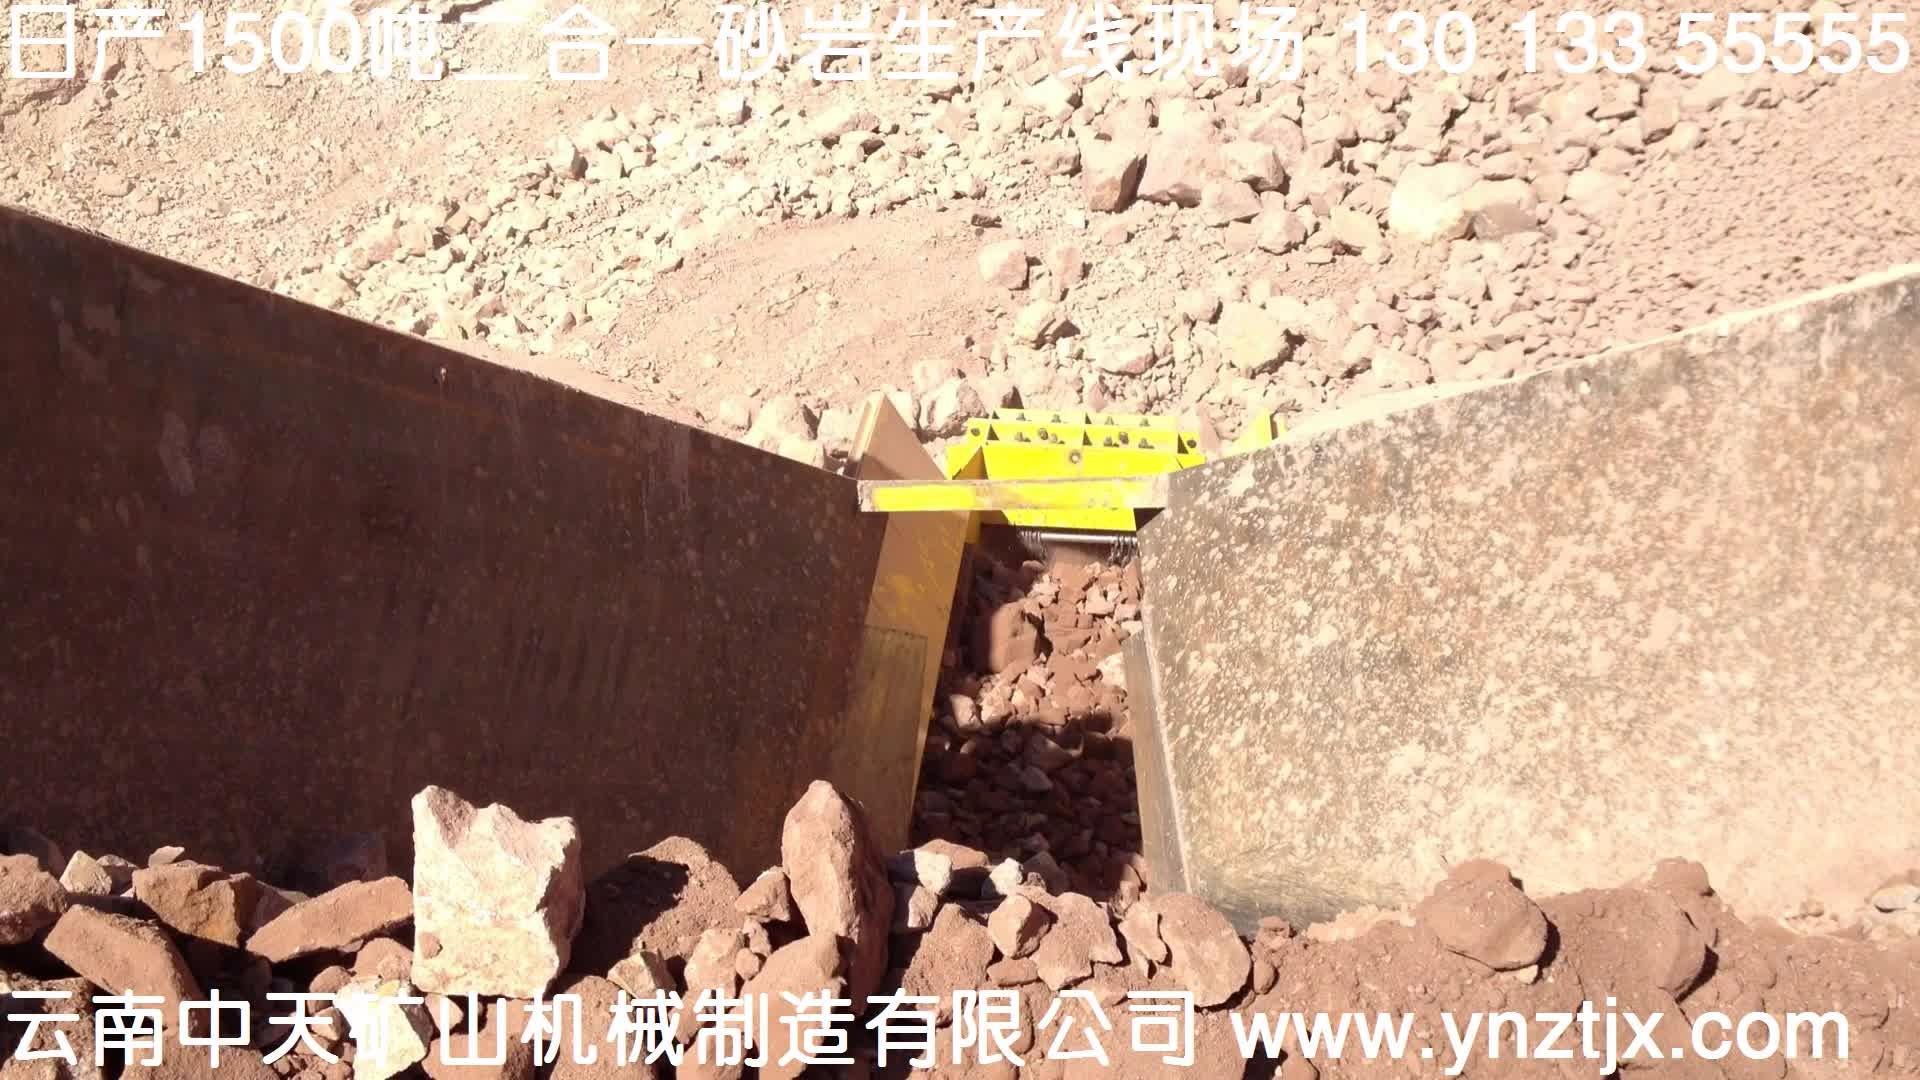 云南日产1500吨砂岩manbetx官网电脑版生产线现场视频三